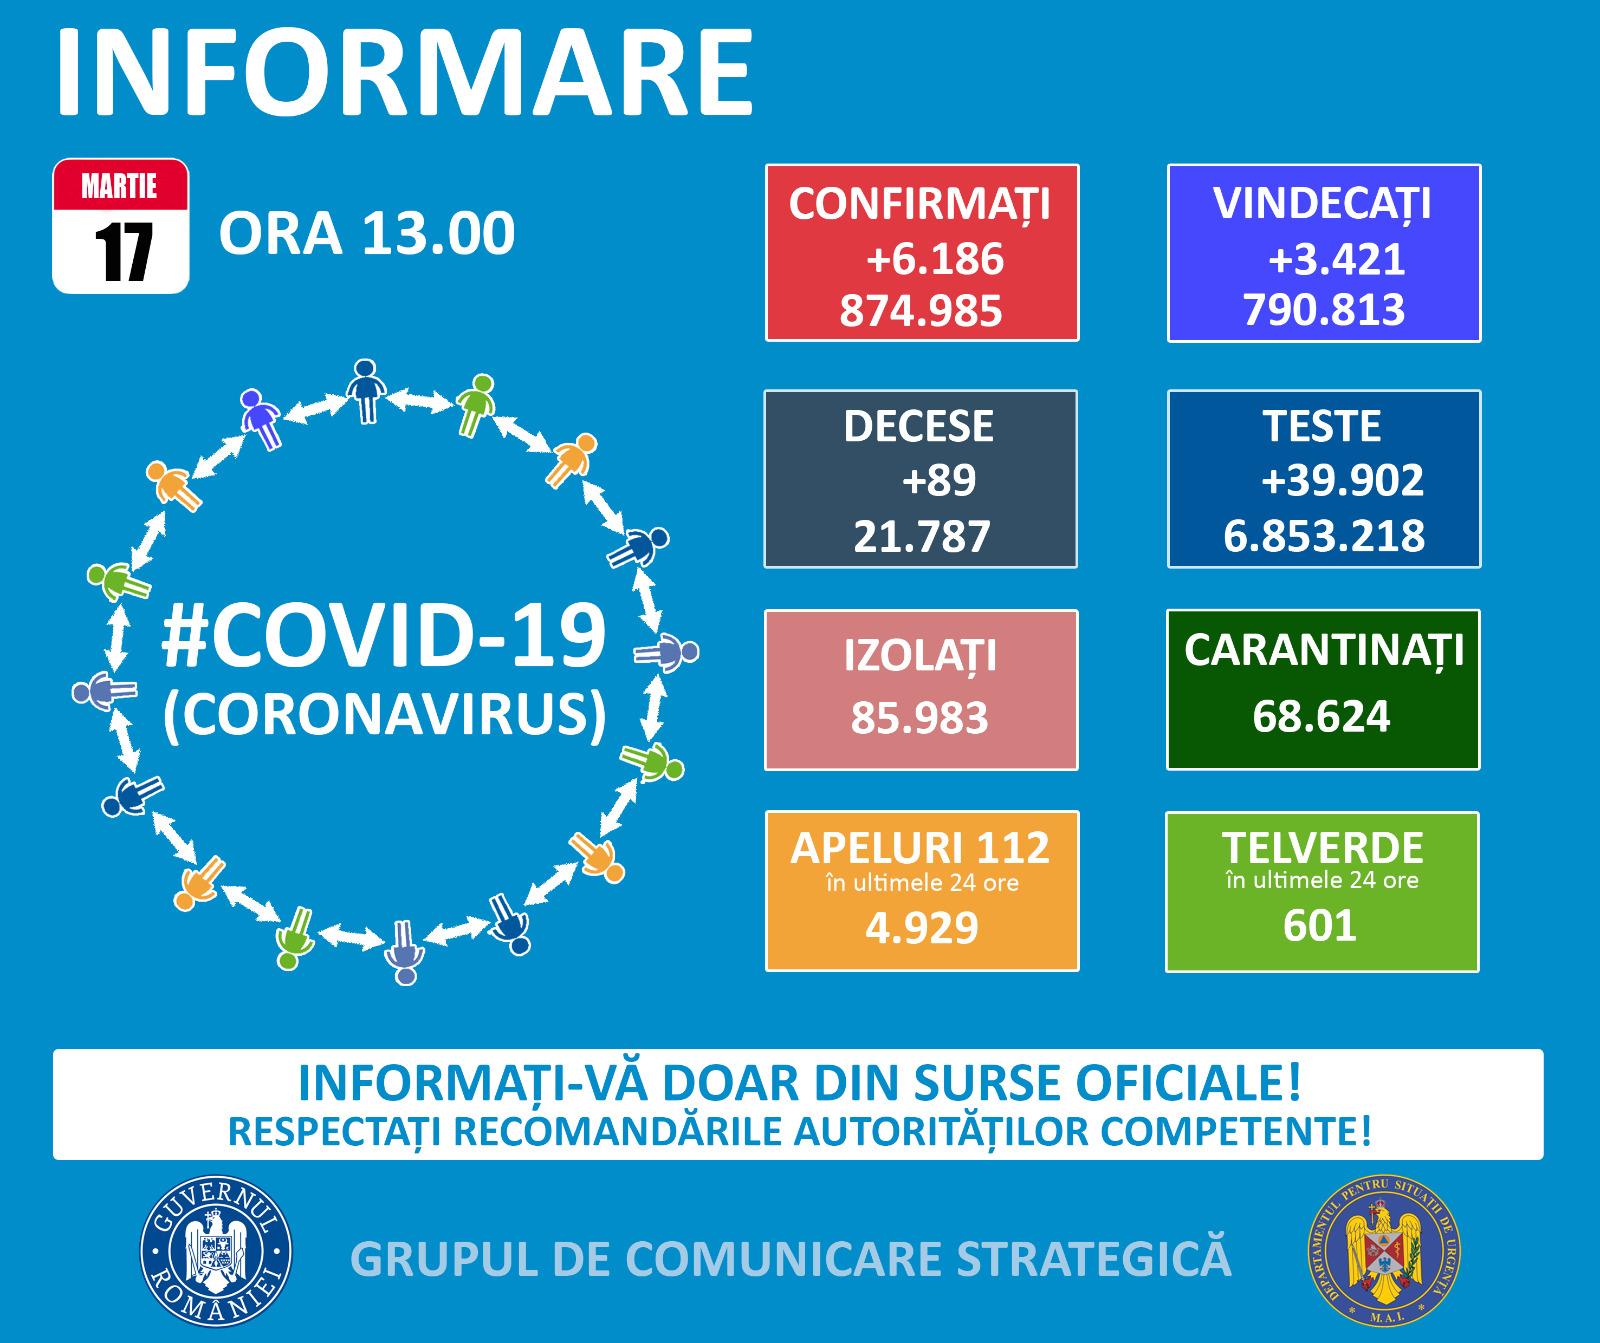 Informare COVID-19 17.03.2021